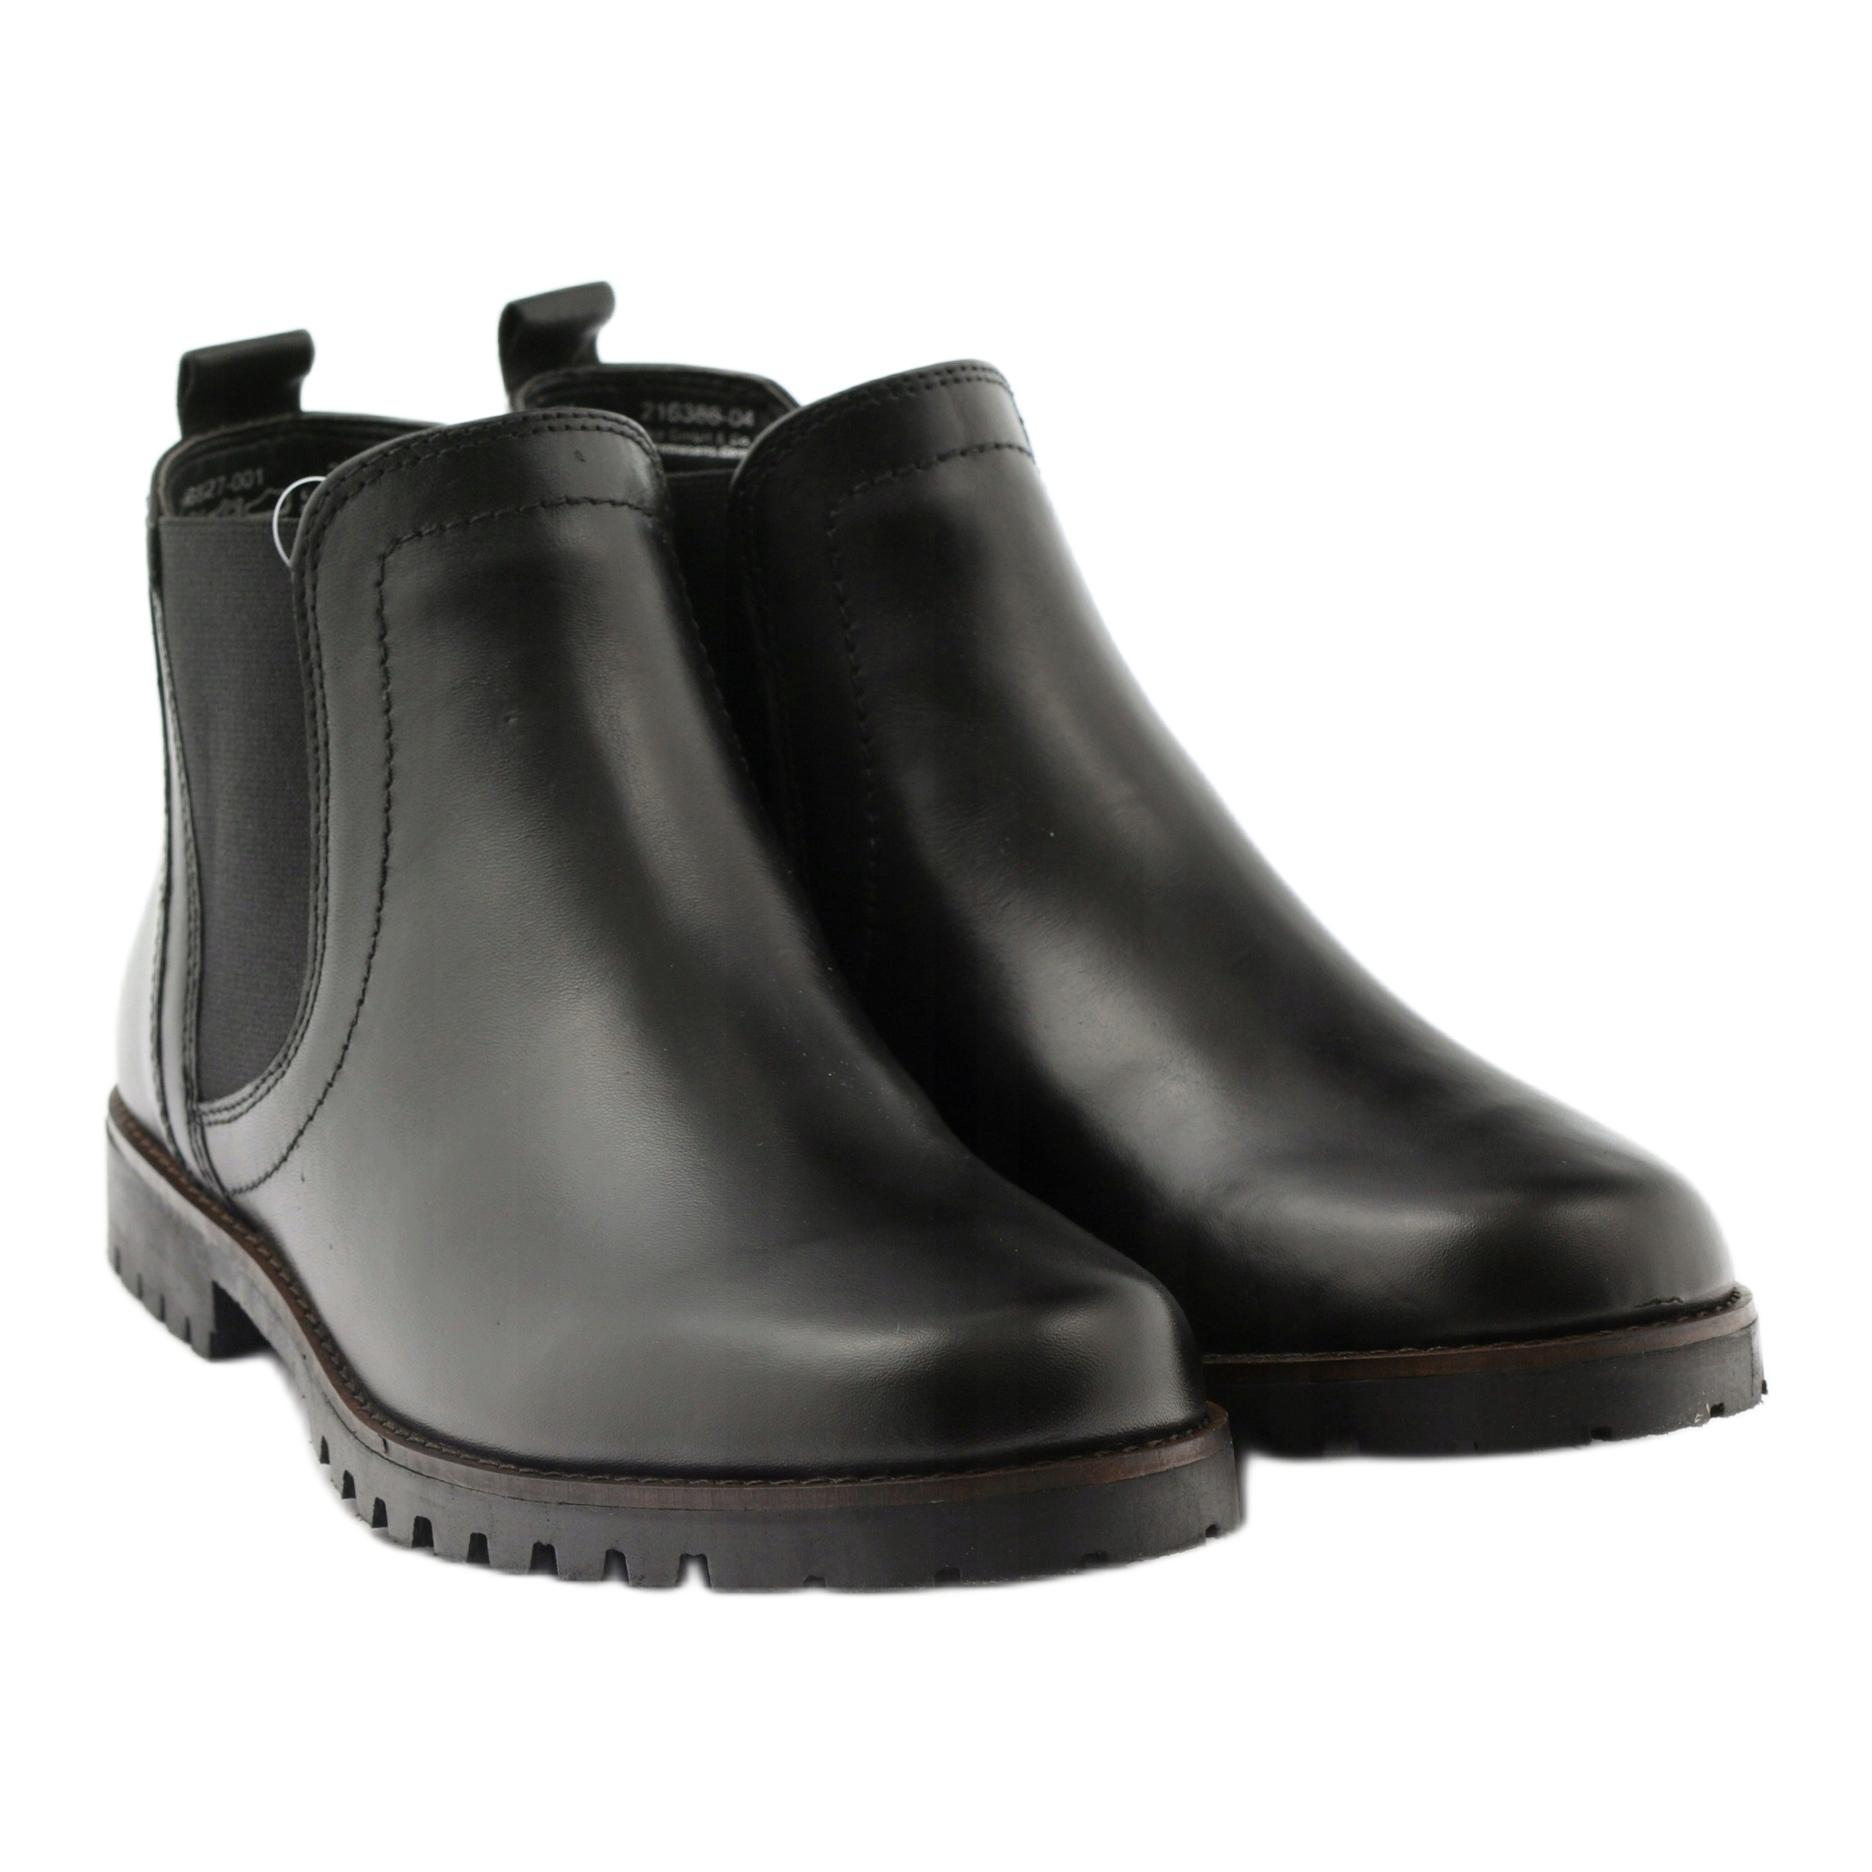 Caprice Sapatos de capricho inverno sapatos femininos 25468